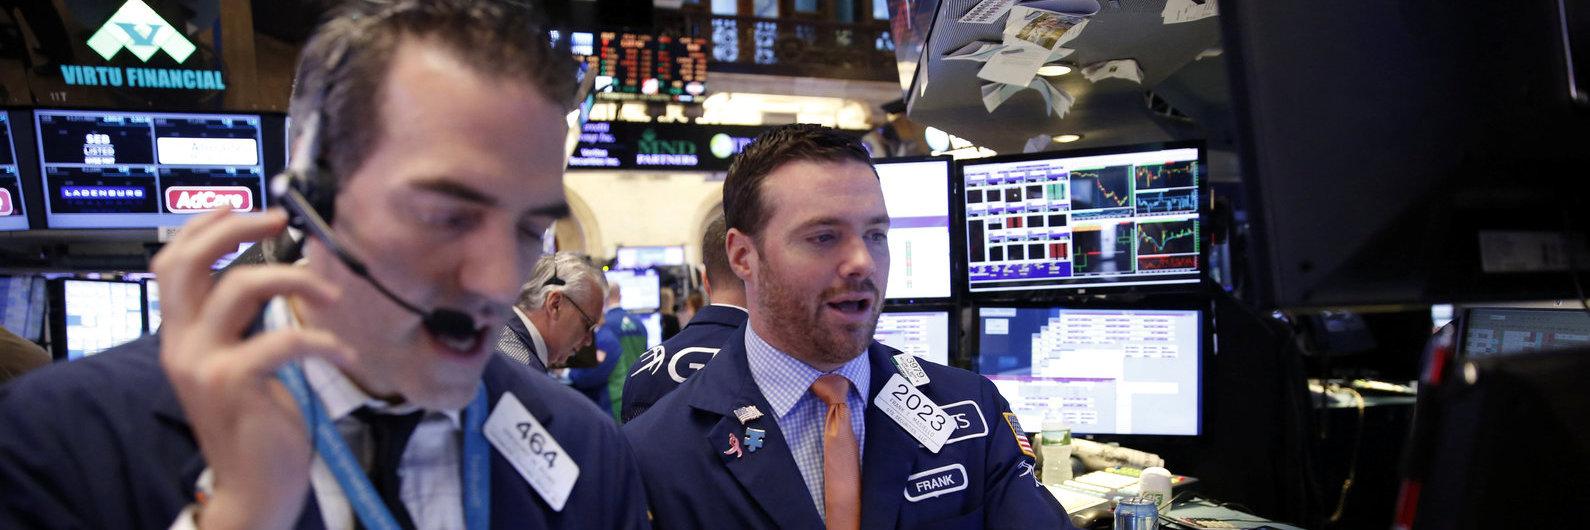 Wall Street: Reforma fiscal de Trump deixa investidores expectantes